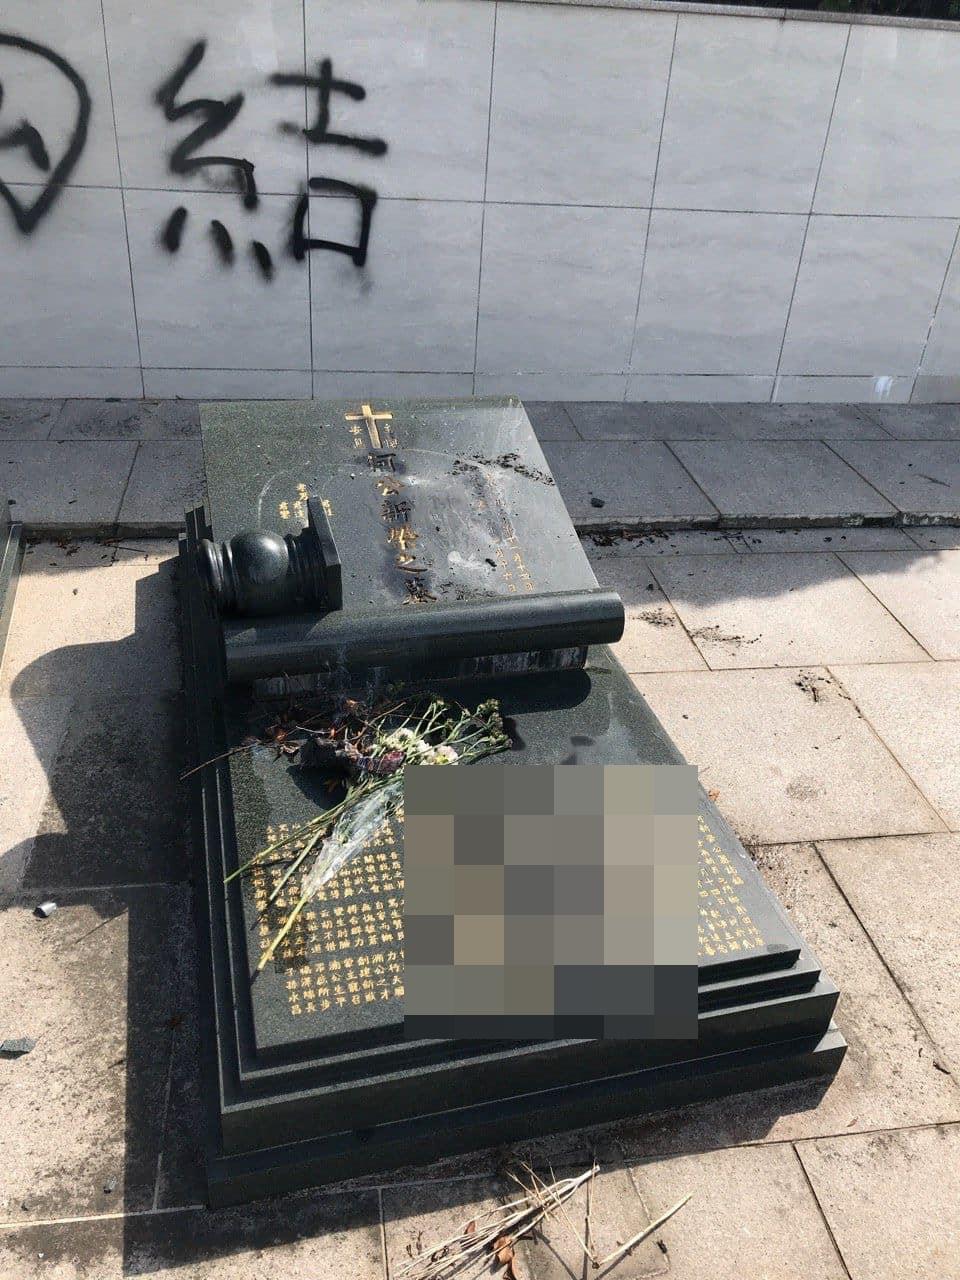 有人在碑上寫粗口。 FB群組「香港突發事故報料區」